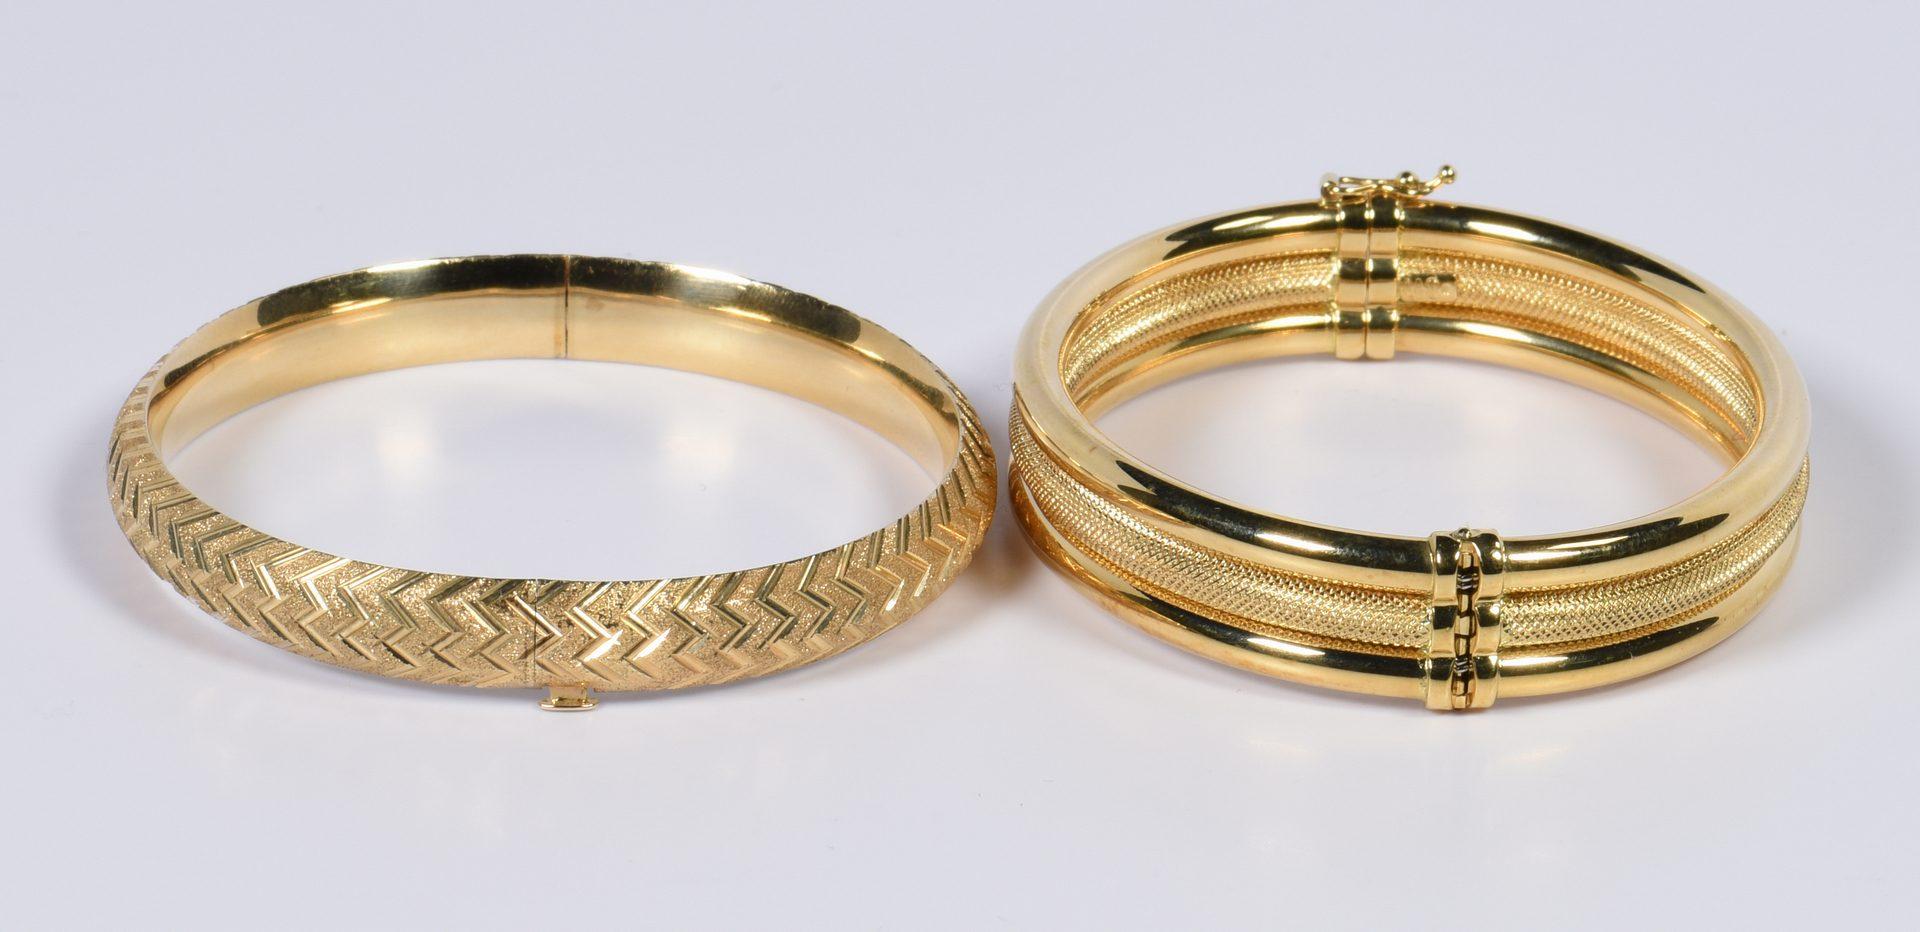 Lot 798: Two Gold Bangle Bracelets, 18K & 14K